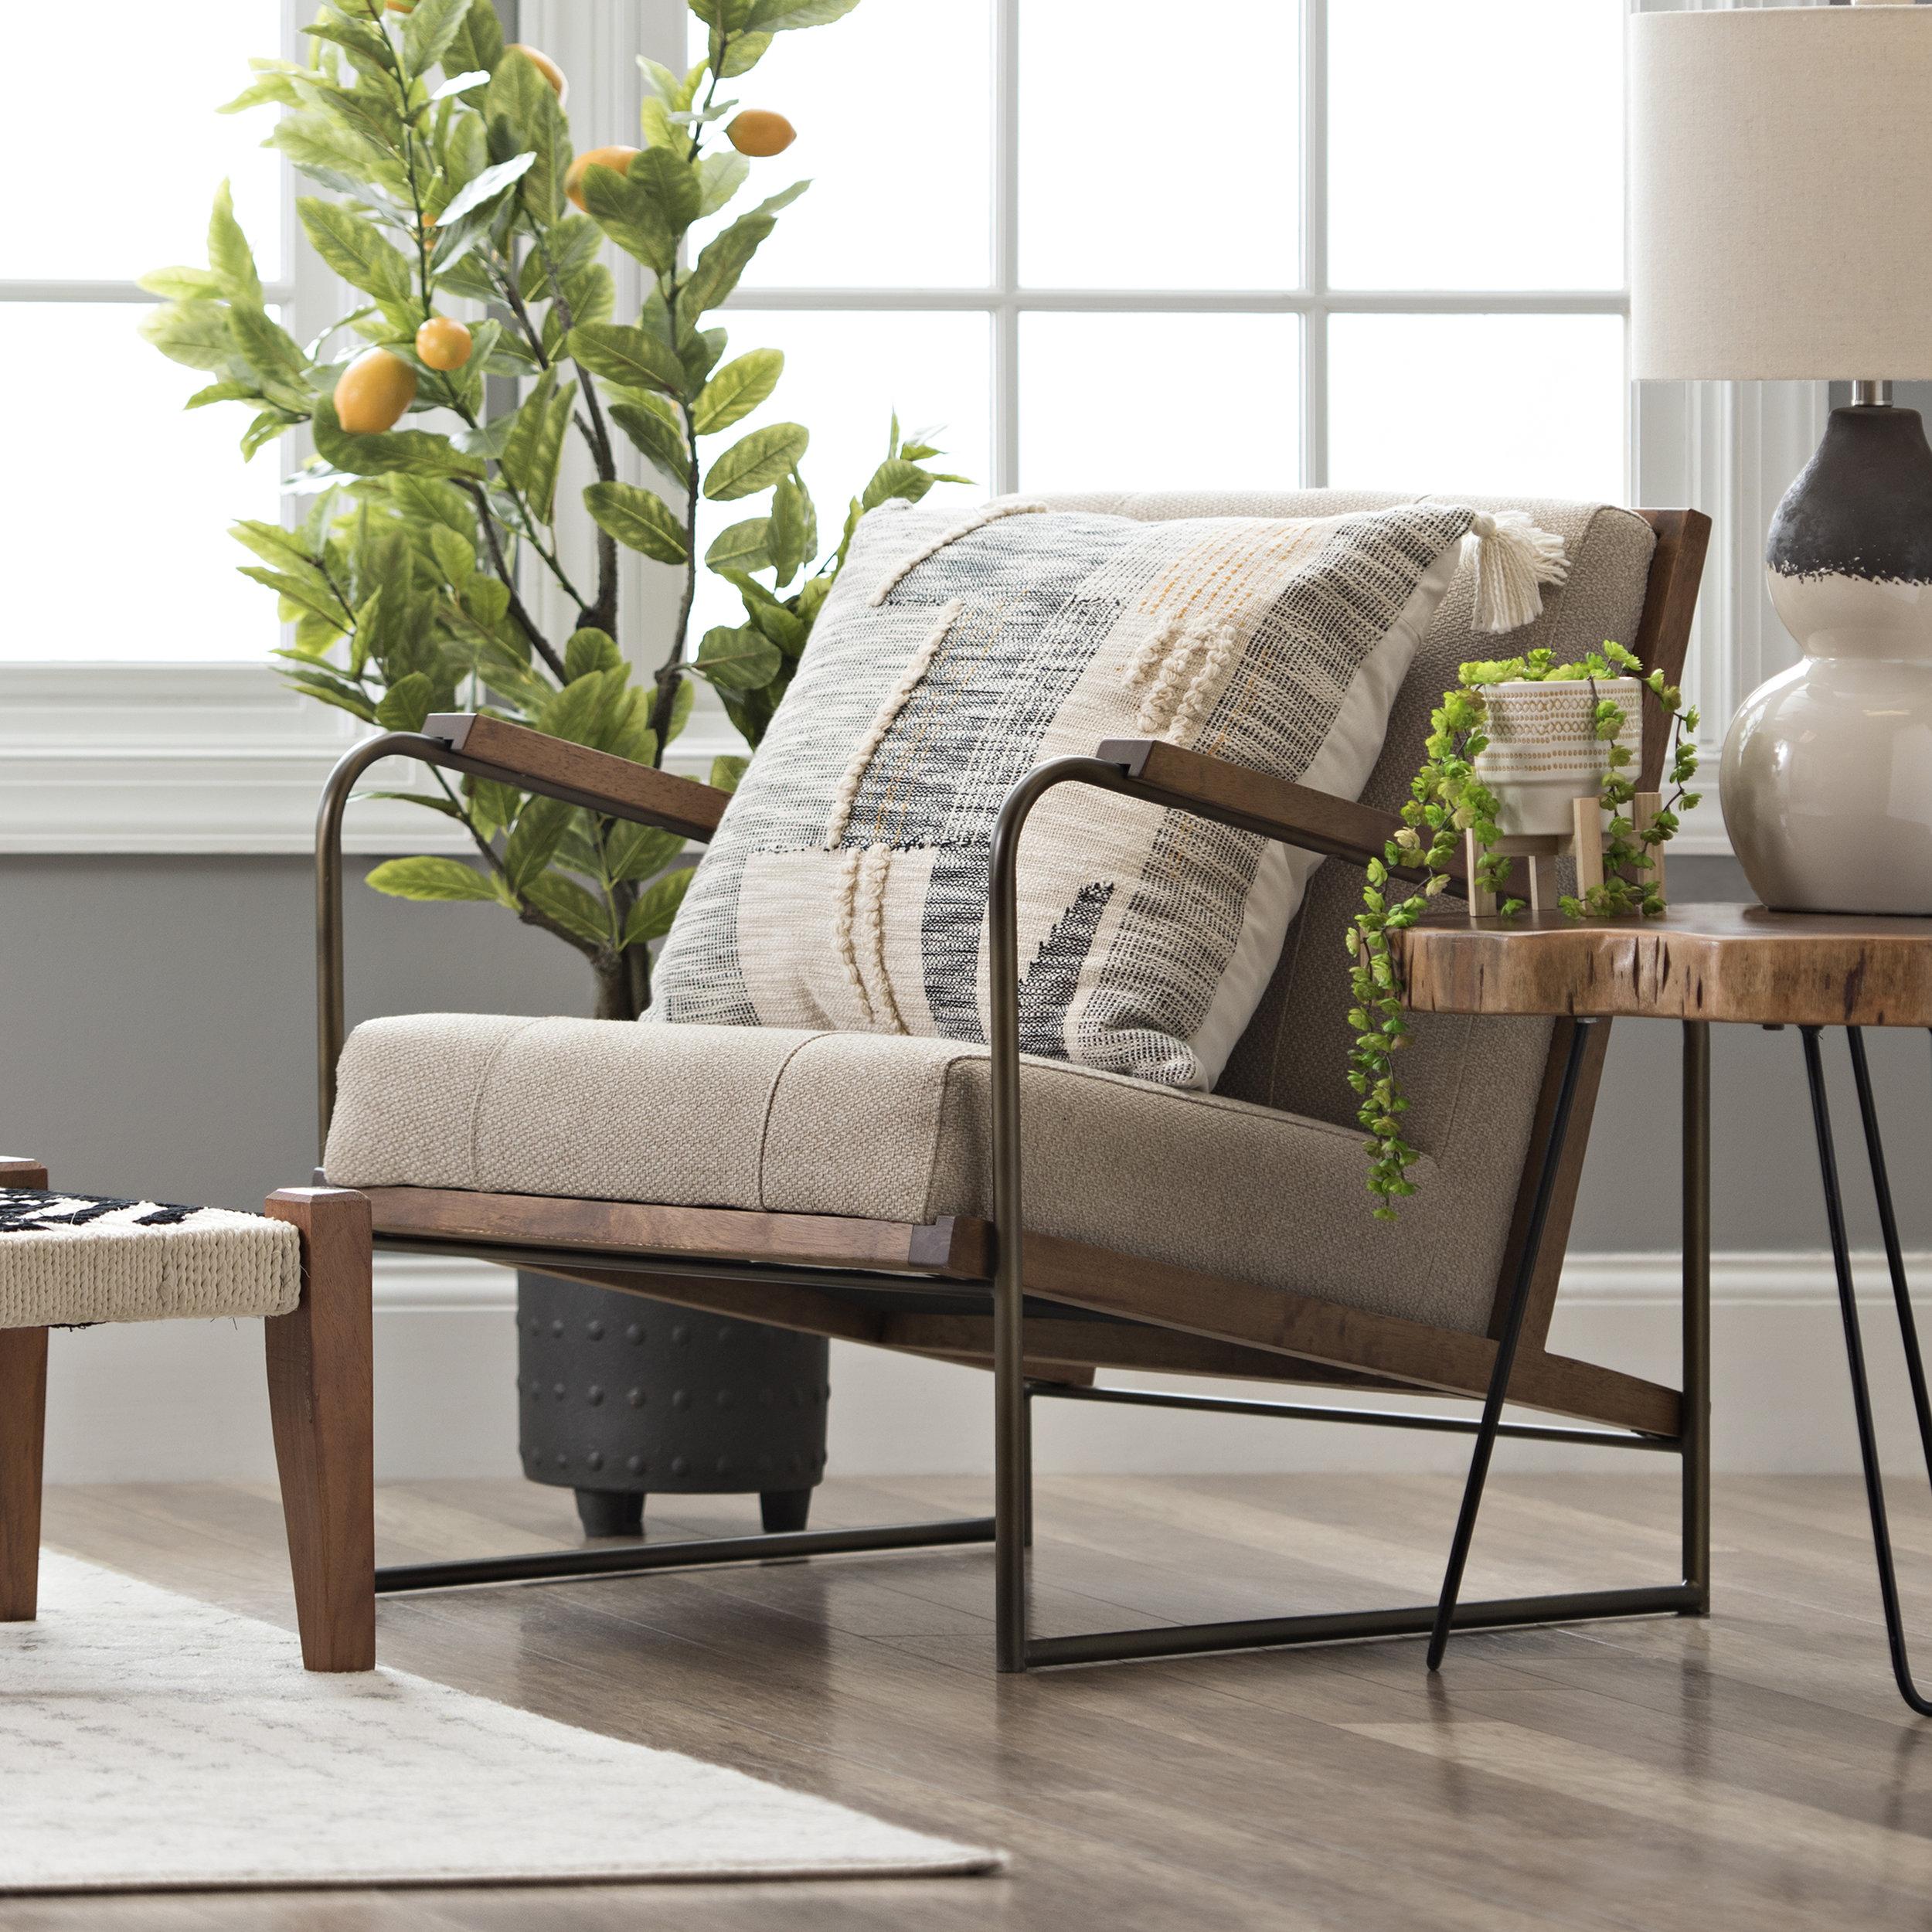 Kirkland's - Martin Accent Chair